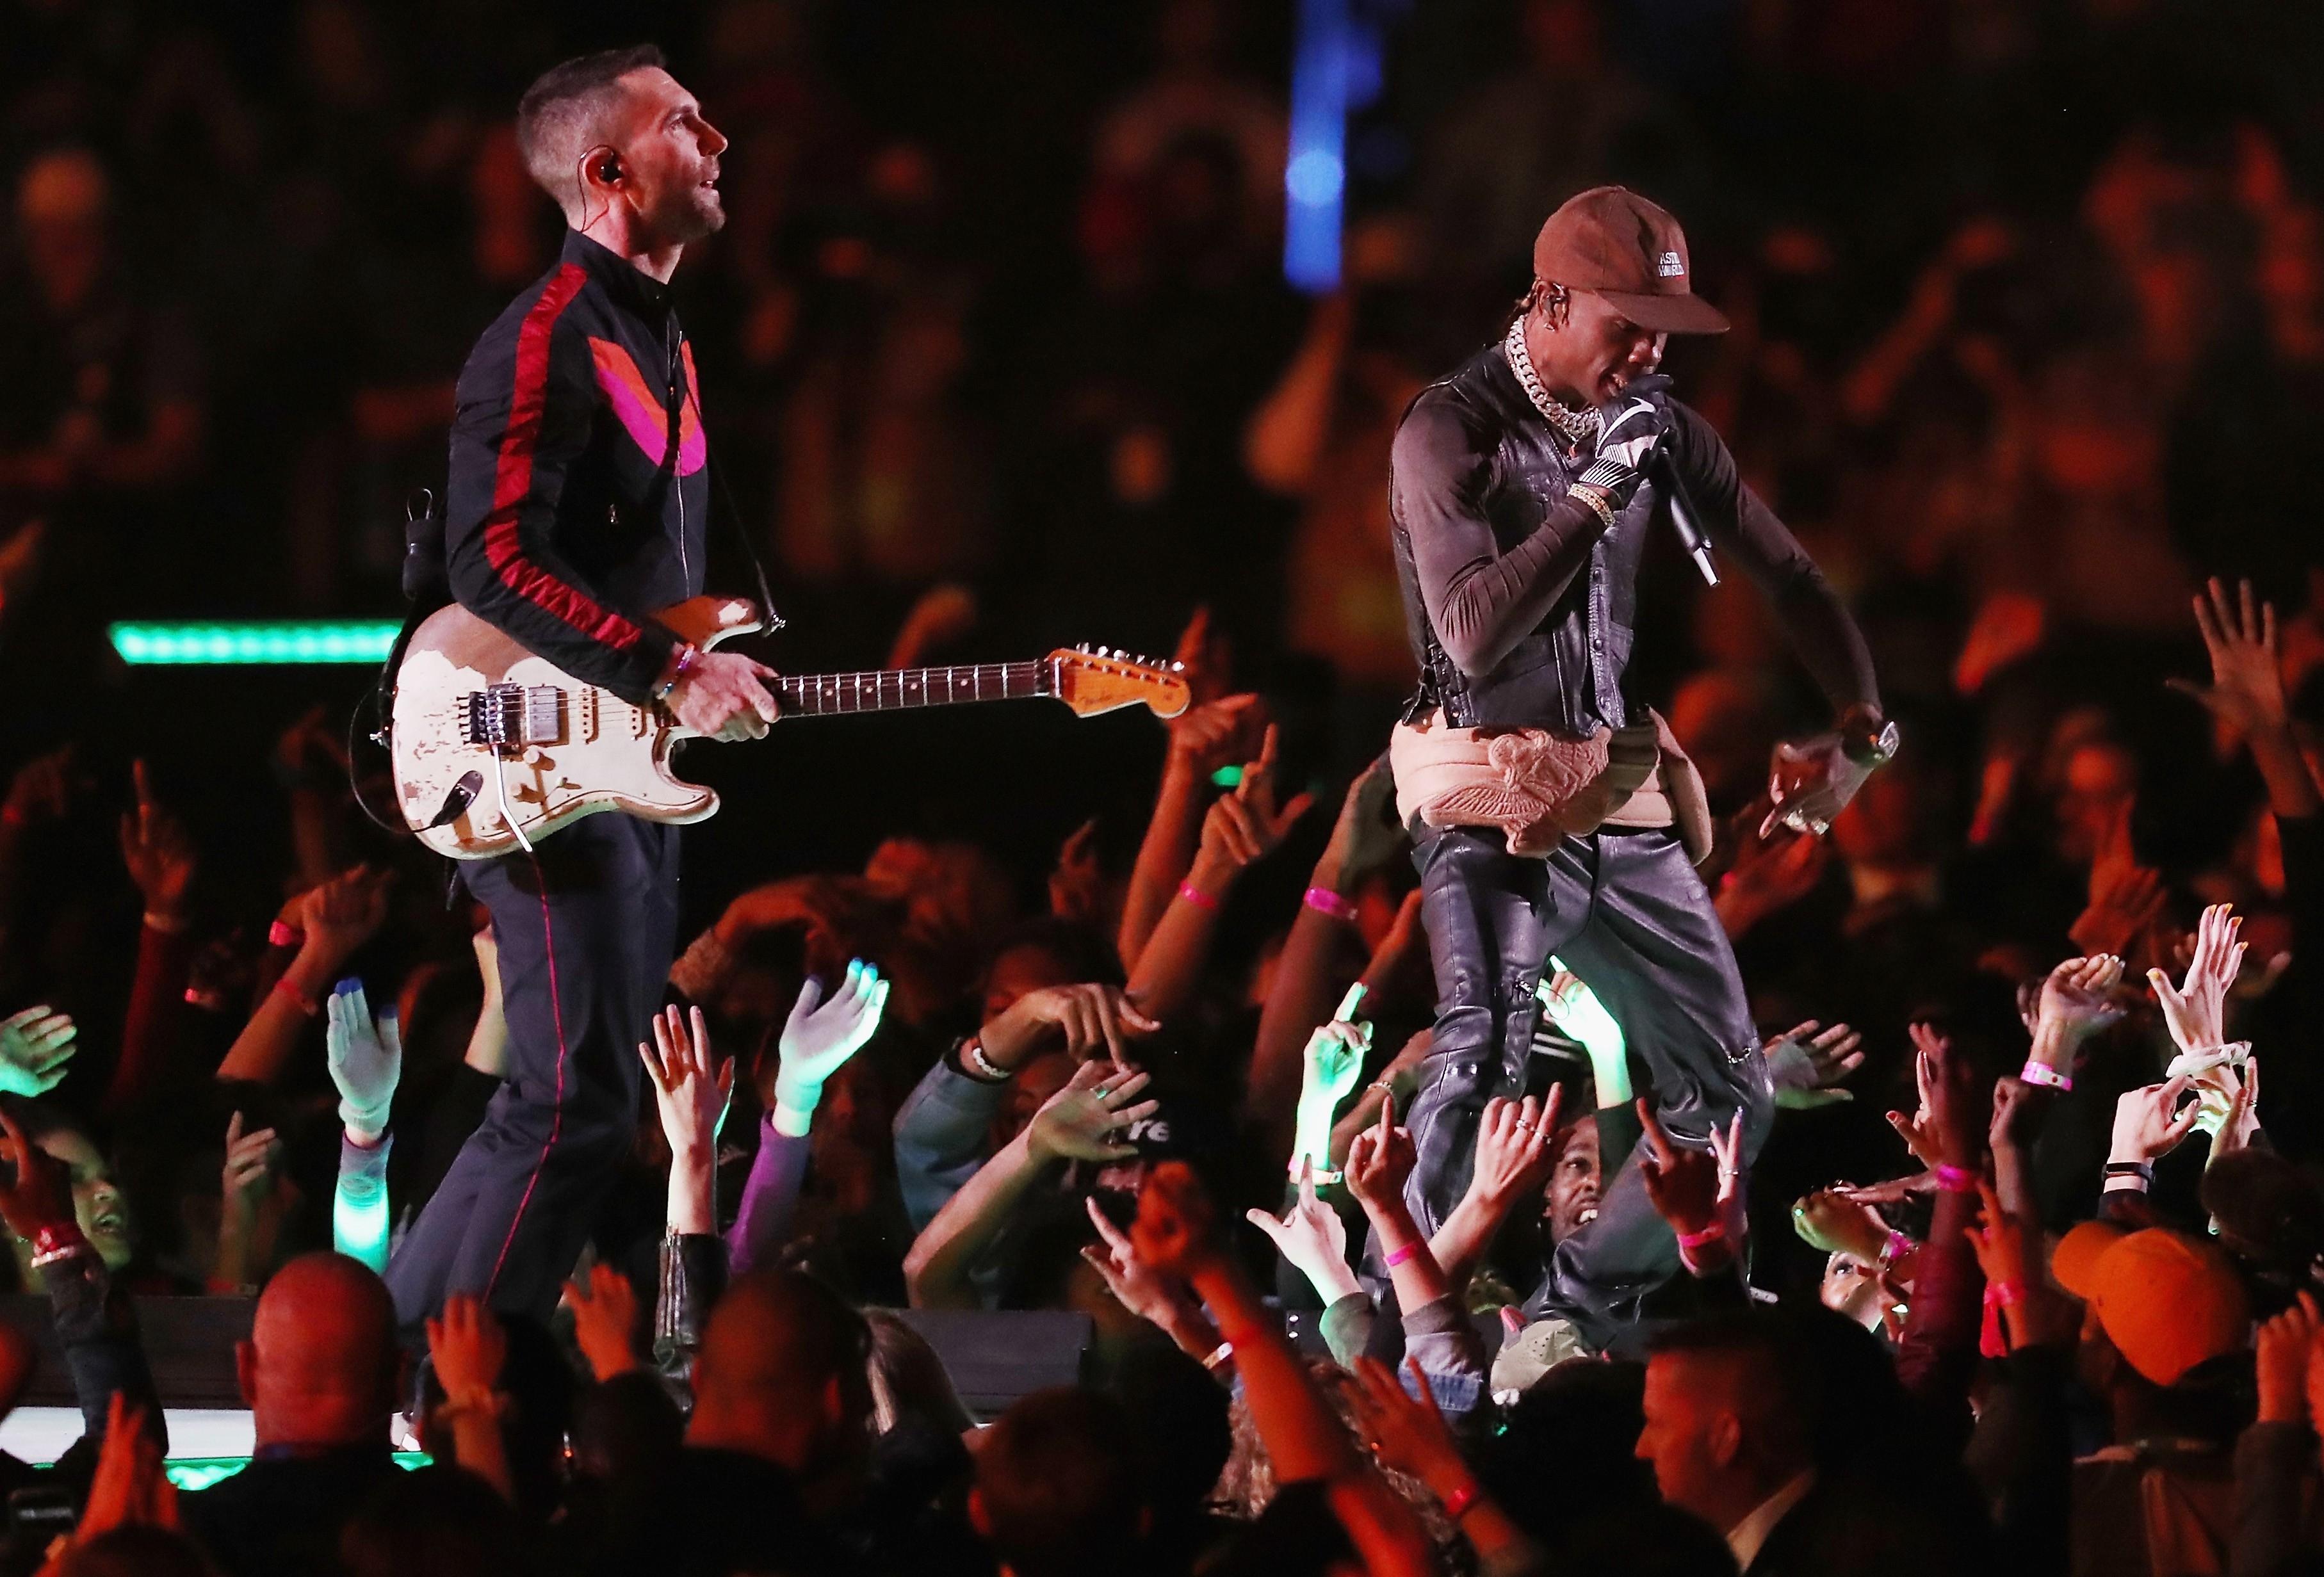 Maroon 5, Travis Scott, And Big Boi Perform At Super Bowl throughout Super Bowl 2019 Travis Scott